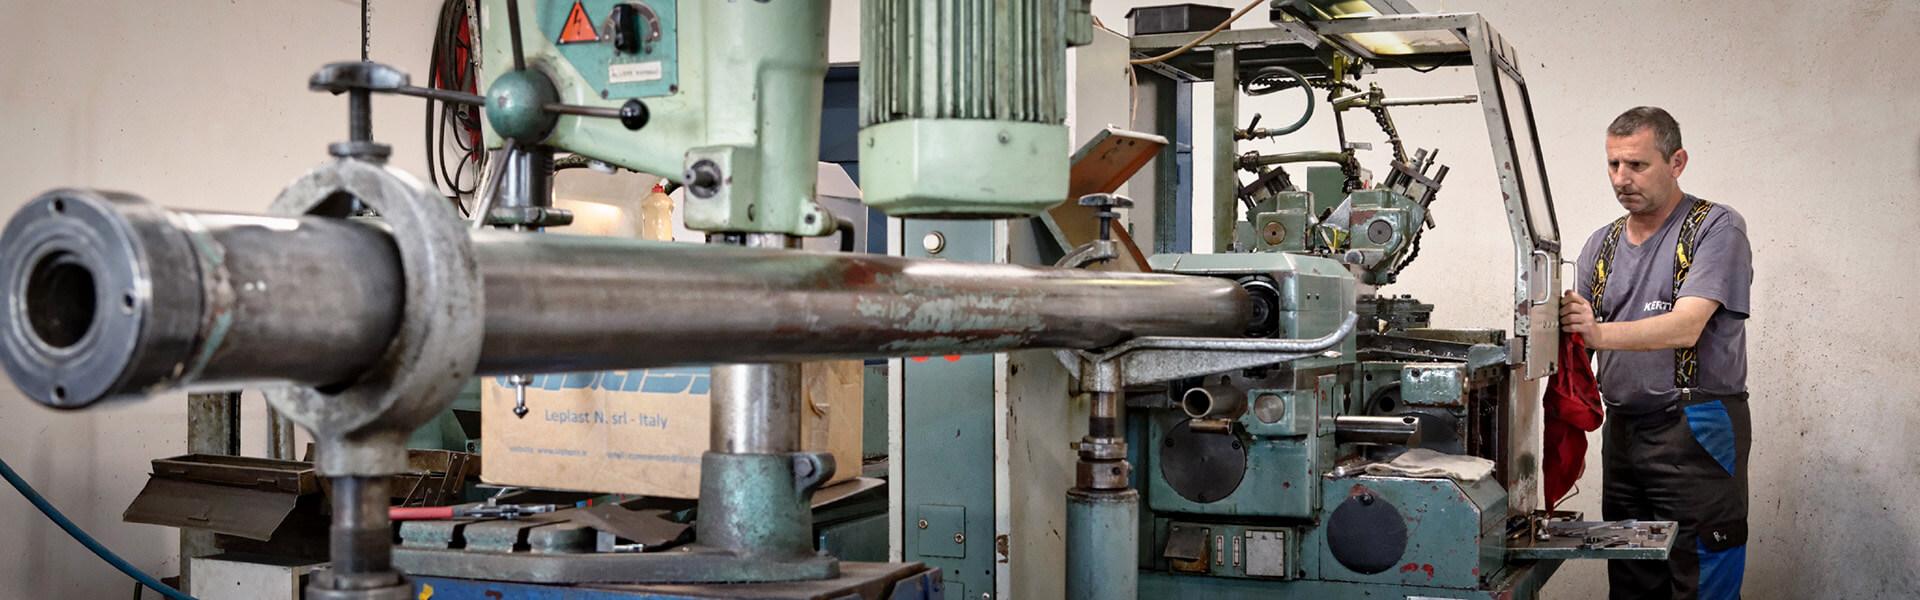 Veľkosériová výroba komponentov pre automobilový priemysel